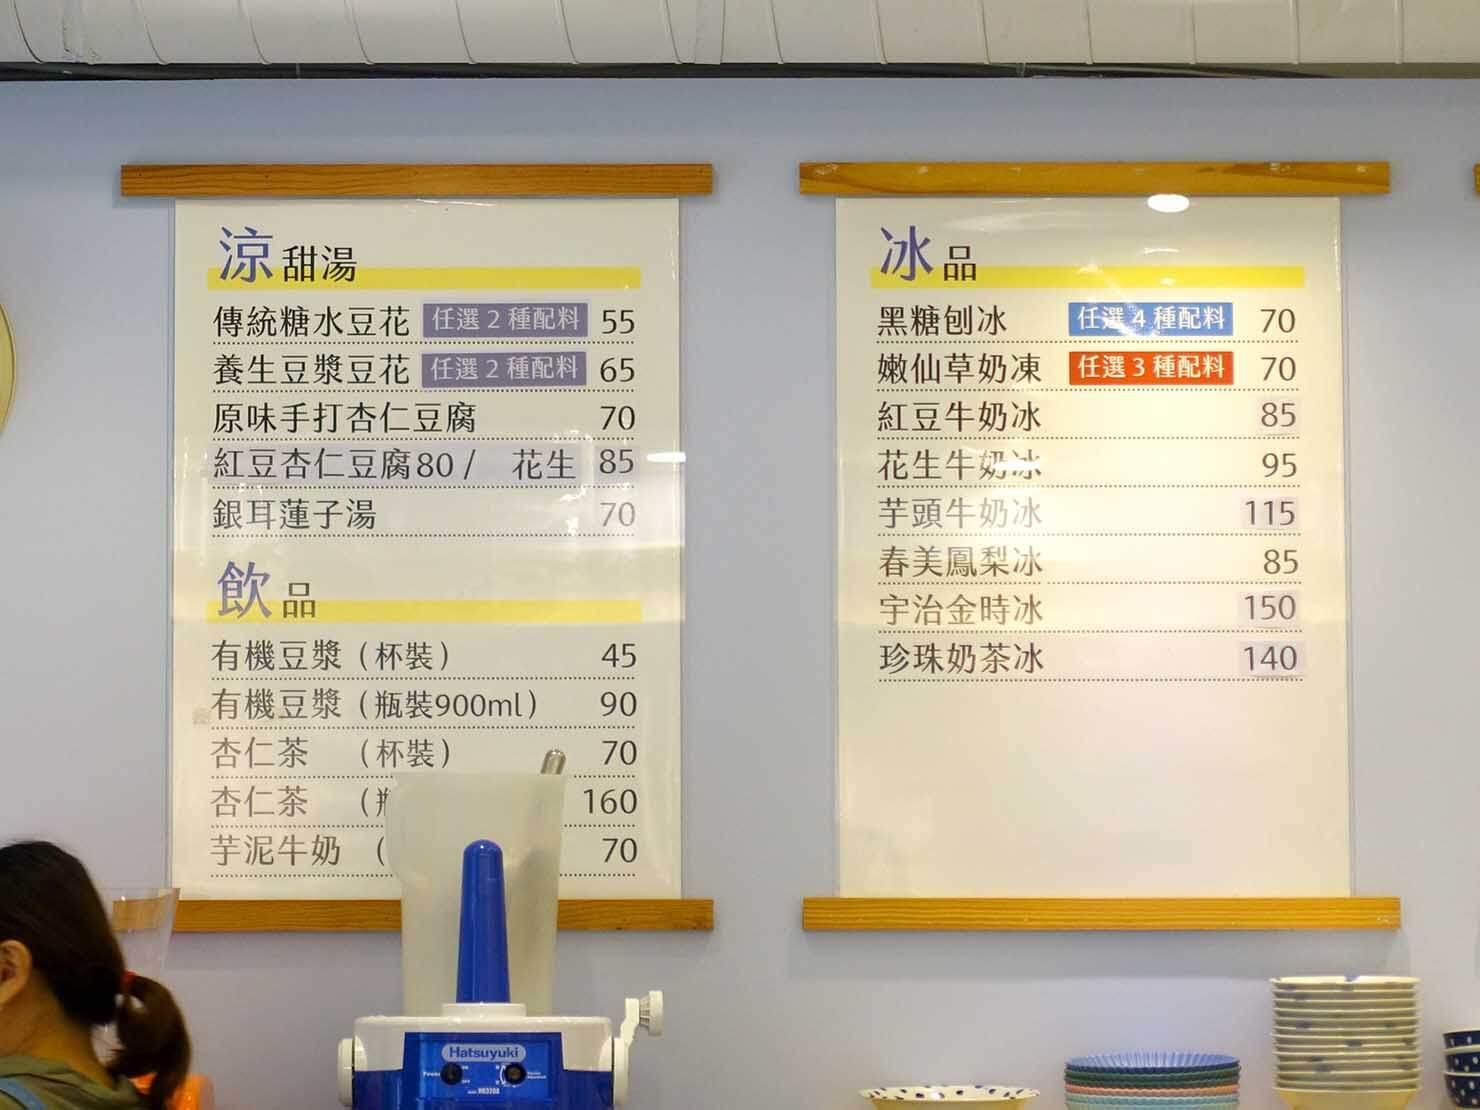 台北・南京復興駅周辺のおすすめグルメ店「春美冰菓室」のメニュー